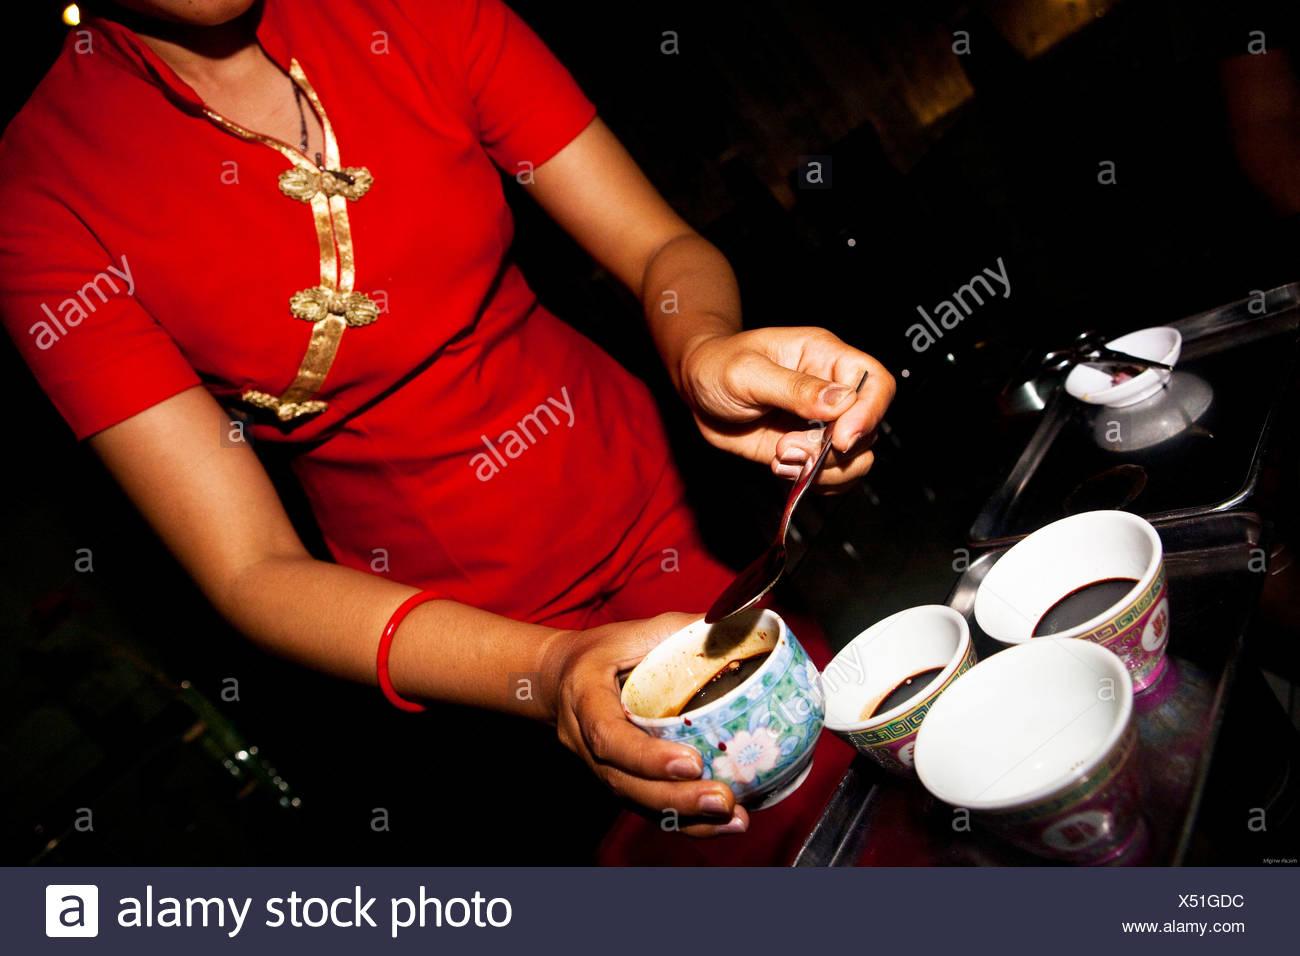 Schlange-Blut zu trinken, ist ein altes chinesisches Heilmittel gedacht, um viele Krankheiten zu heilen. Es ist beliebt in Indonesien und eine beliebte Mischung Stockbild